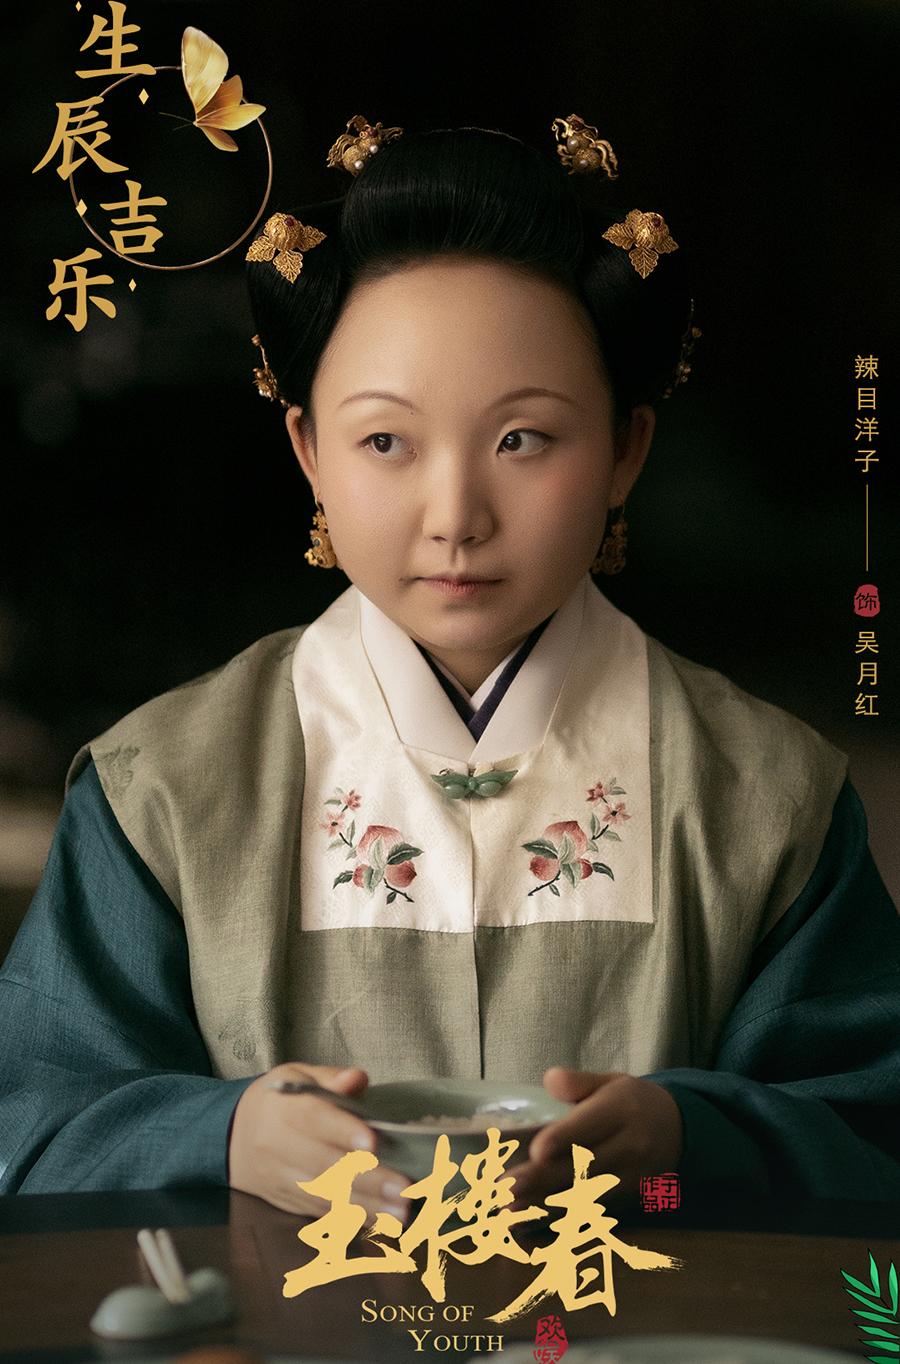 Dàn diễn viên Ngọc lâu xuân - 6